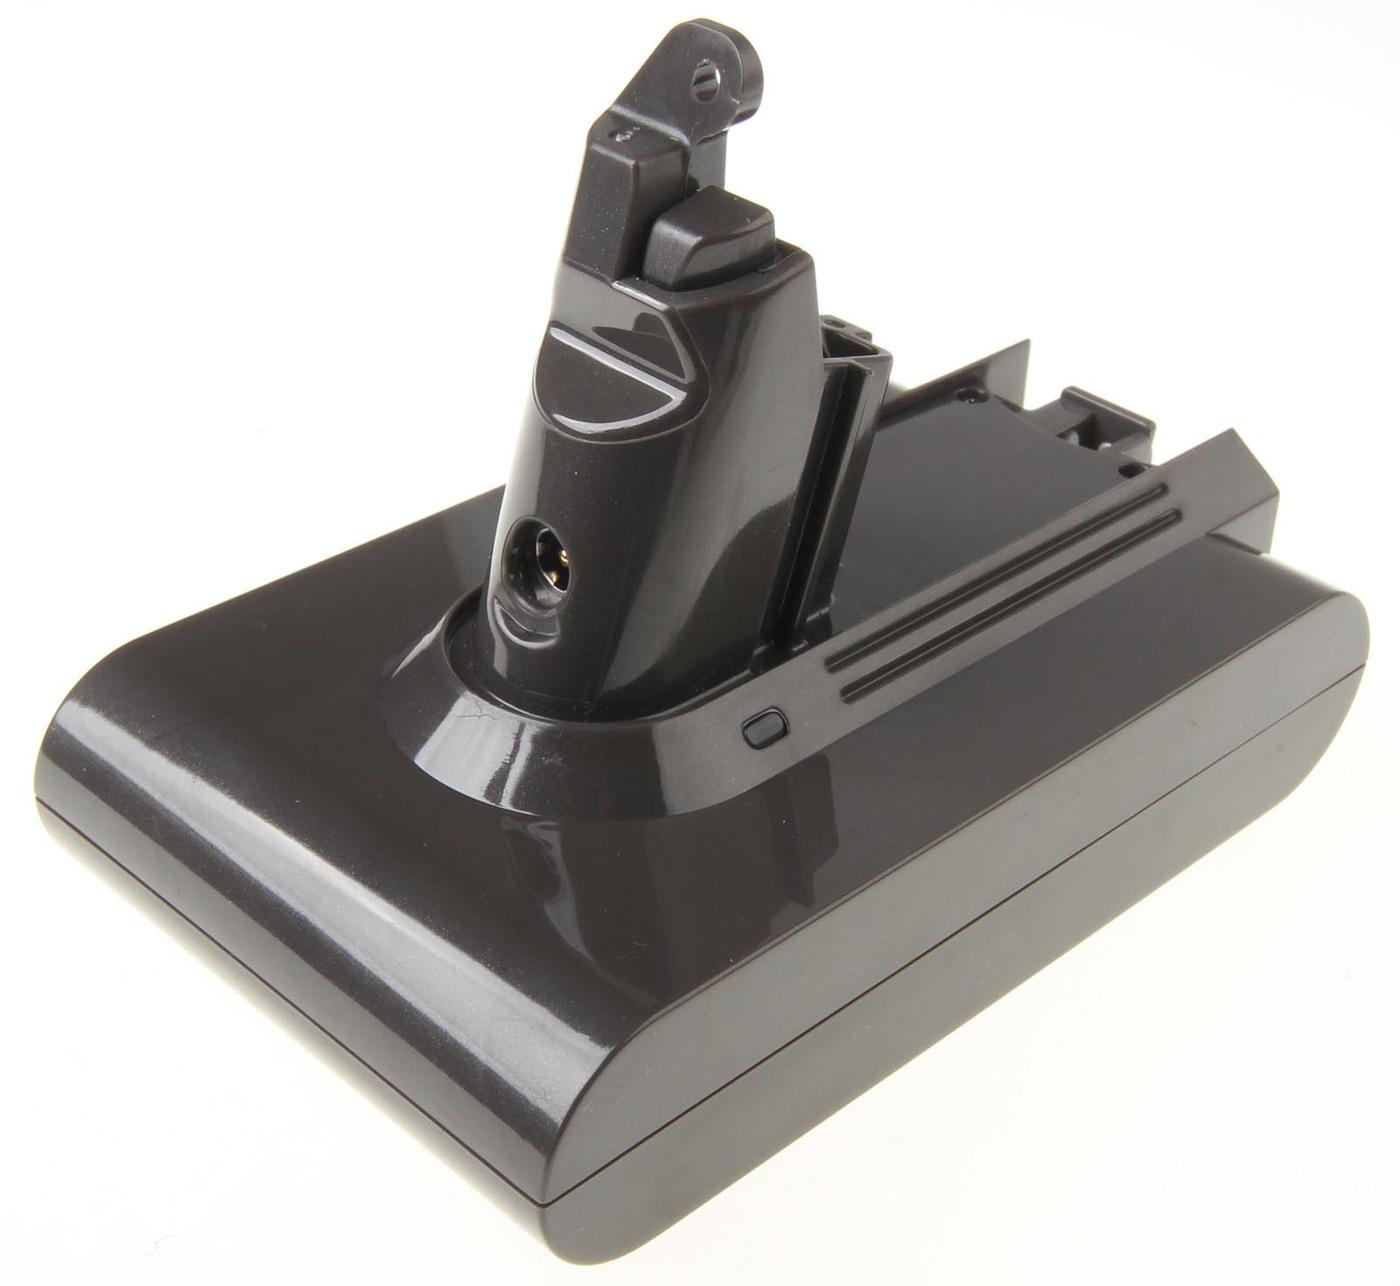 Аккумулятор для пылесоса dyson dc62 animal pro купить пылесос dyson city цена